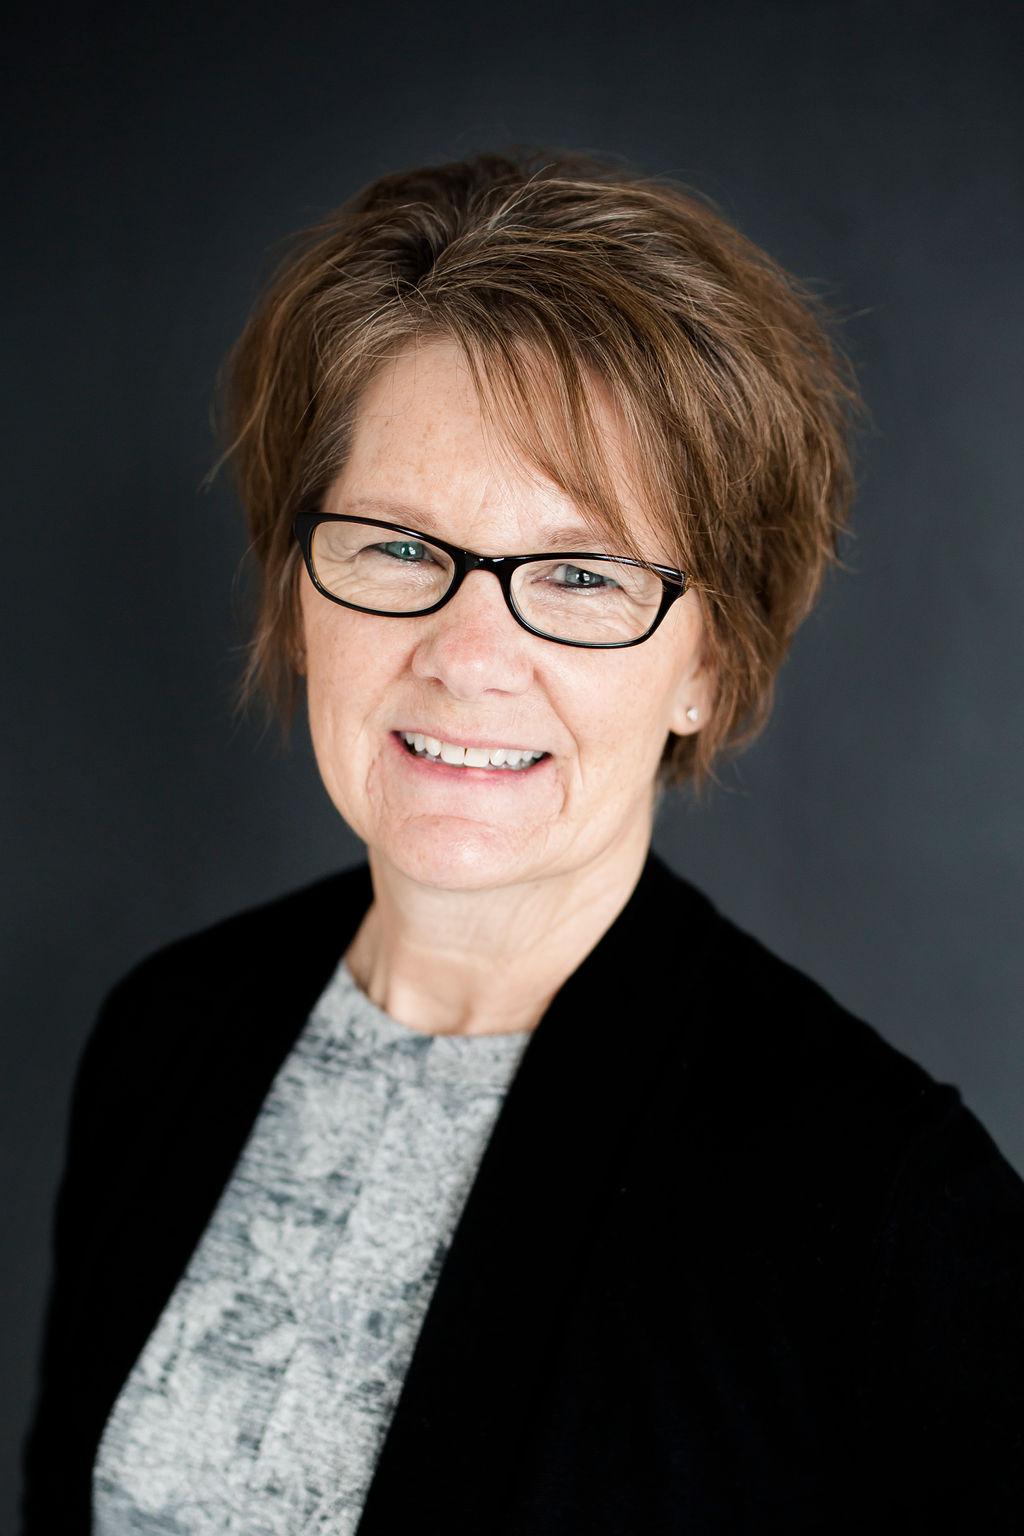 Lori Munsterman